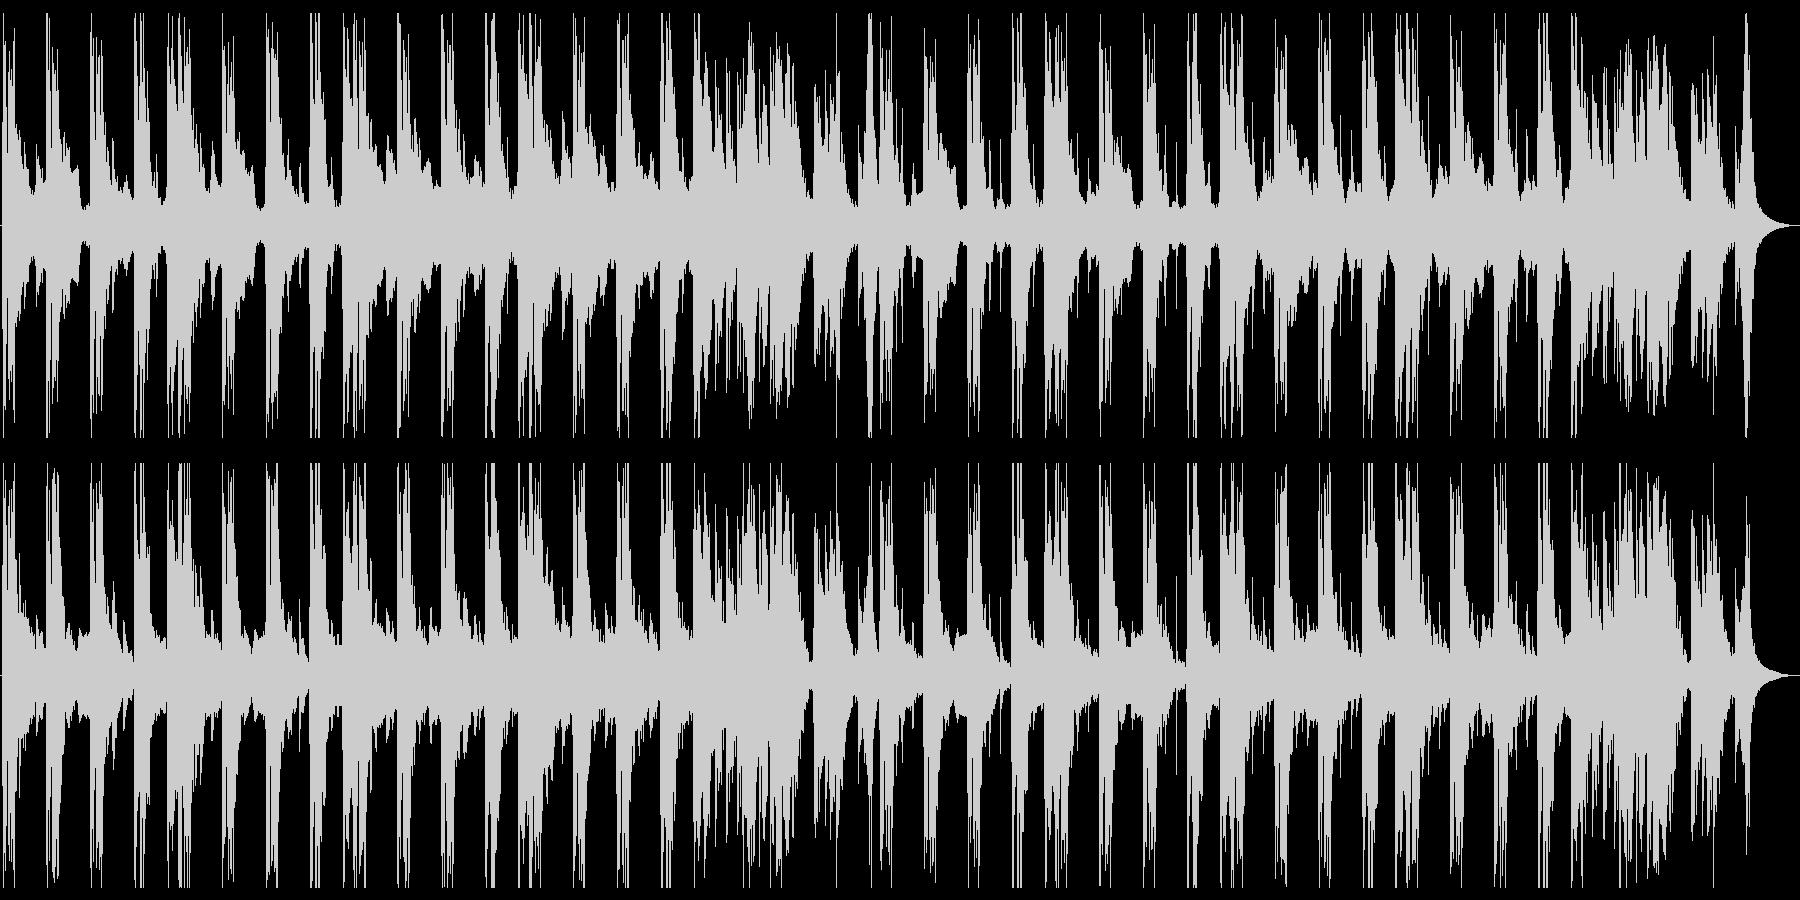 おどろおどろしい怪談的和風楽曲の未再生の波形